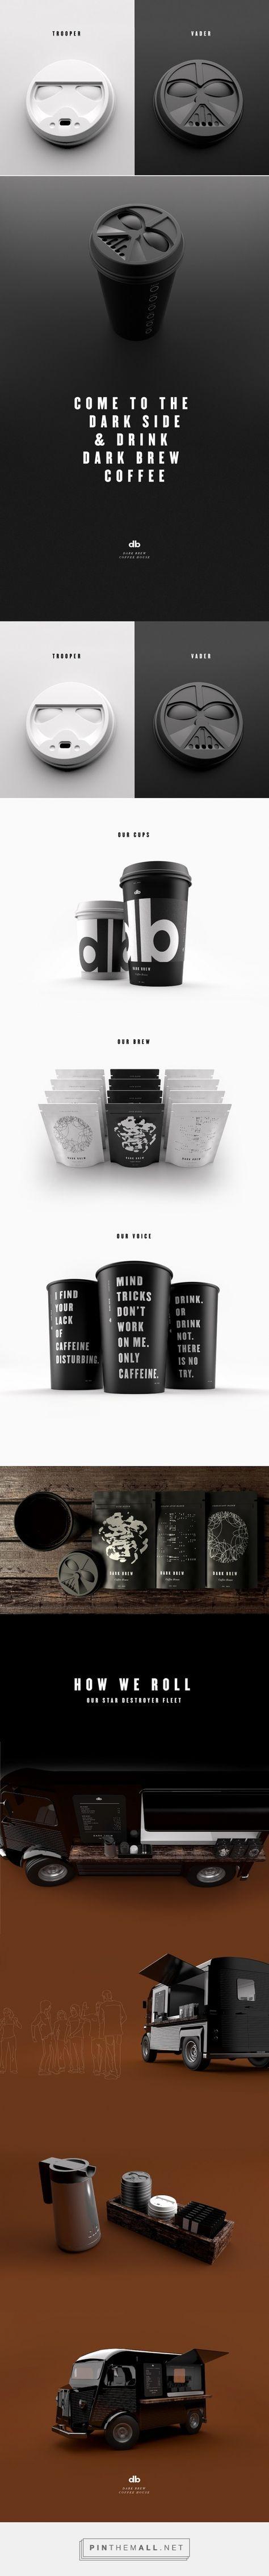 Dark Brew Coffee House - star wars trooper vader concept by Spencer Davis & Scott Schenone - http://www.packagingoftheworld.com/2015/12/dark-brew-coffee-house-concept.html